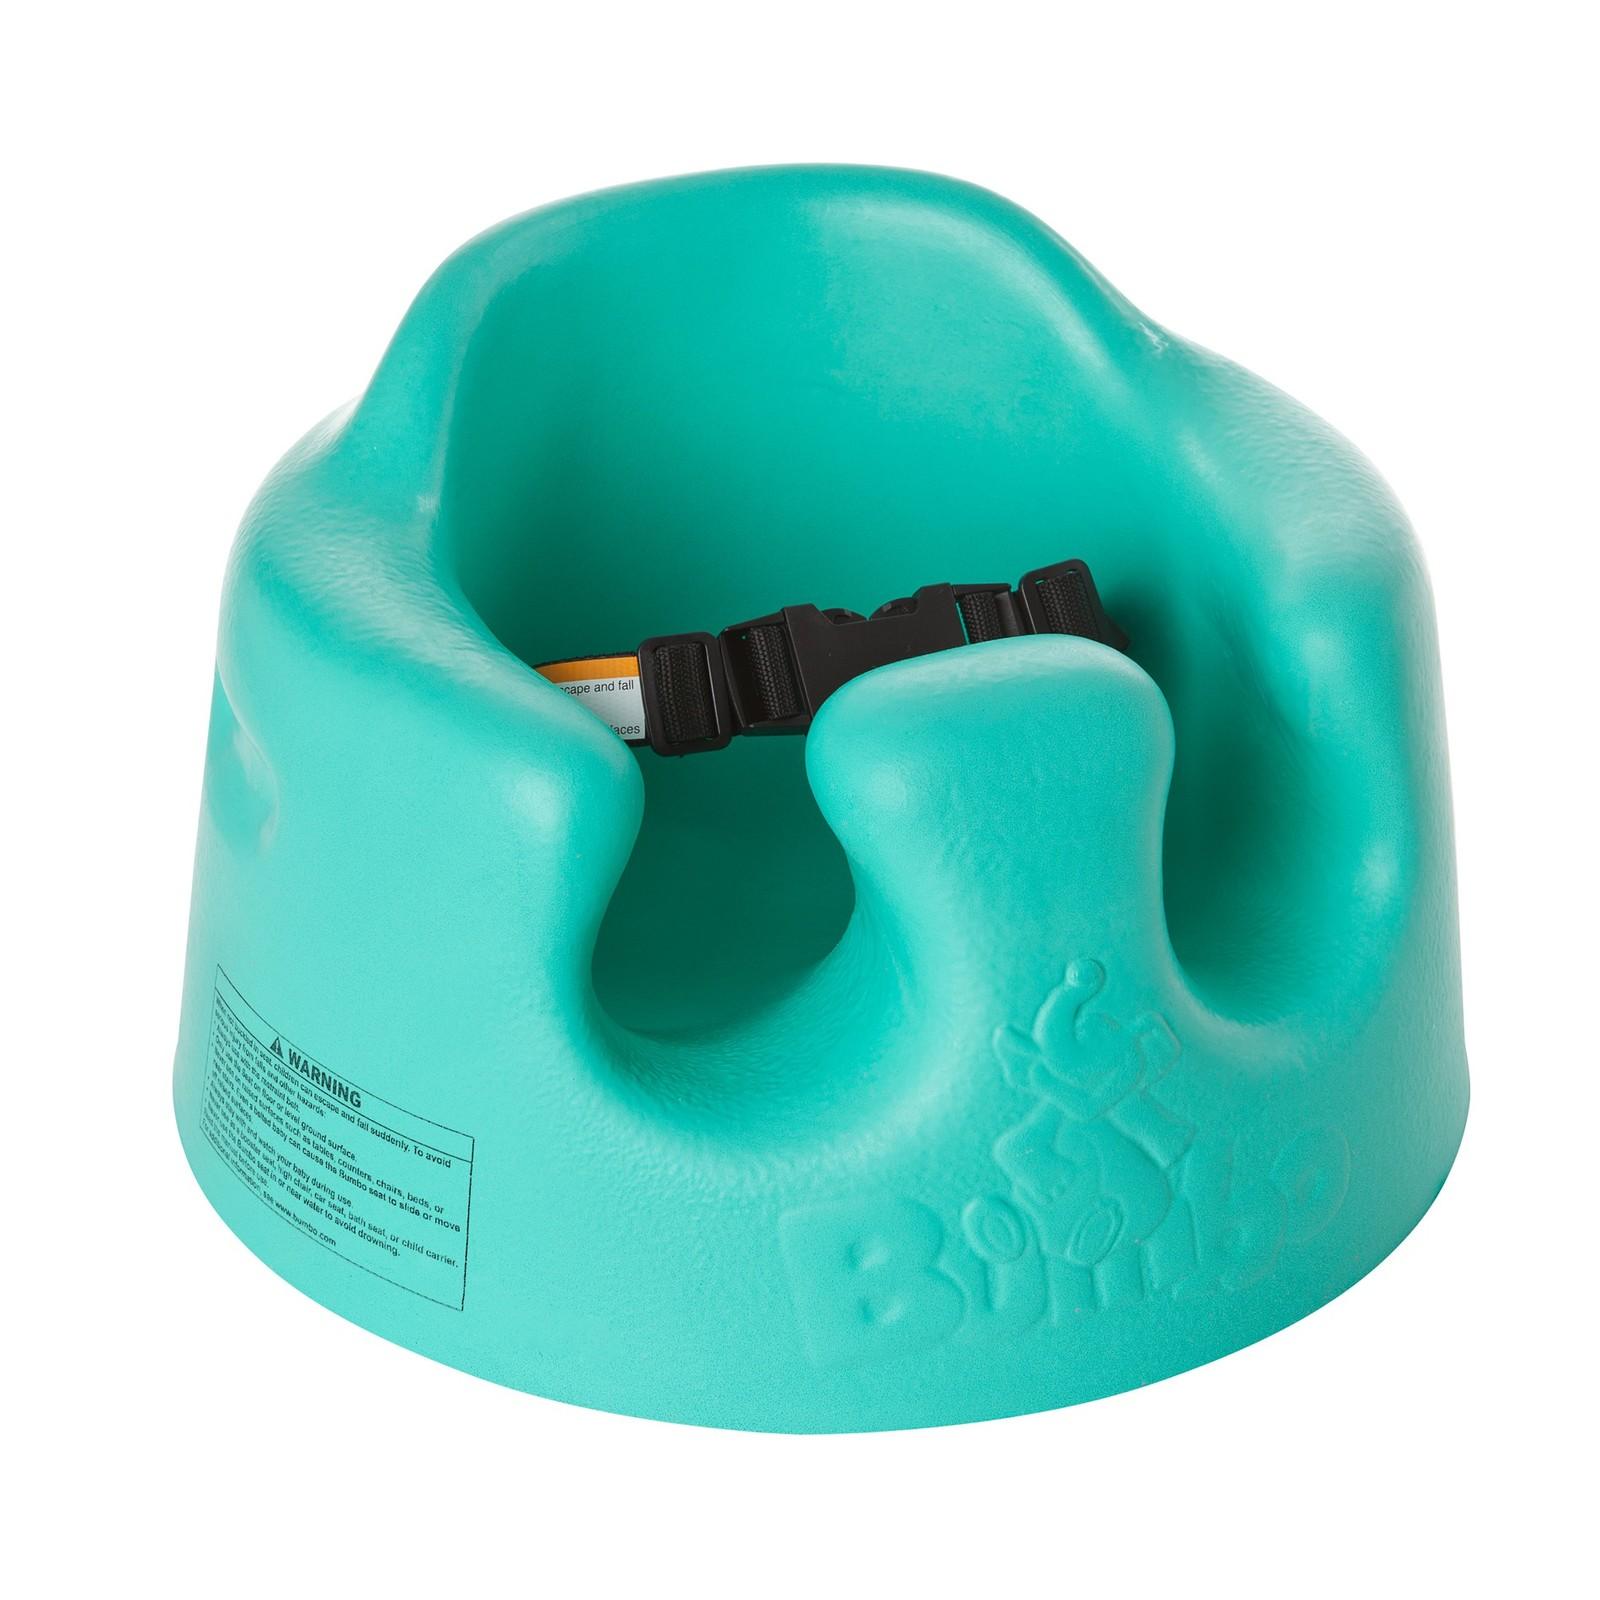 Bumbo Floor Seat - Aqua image